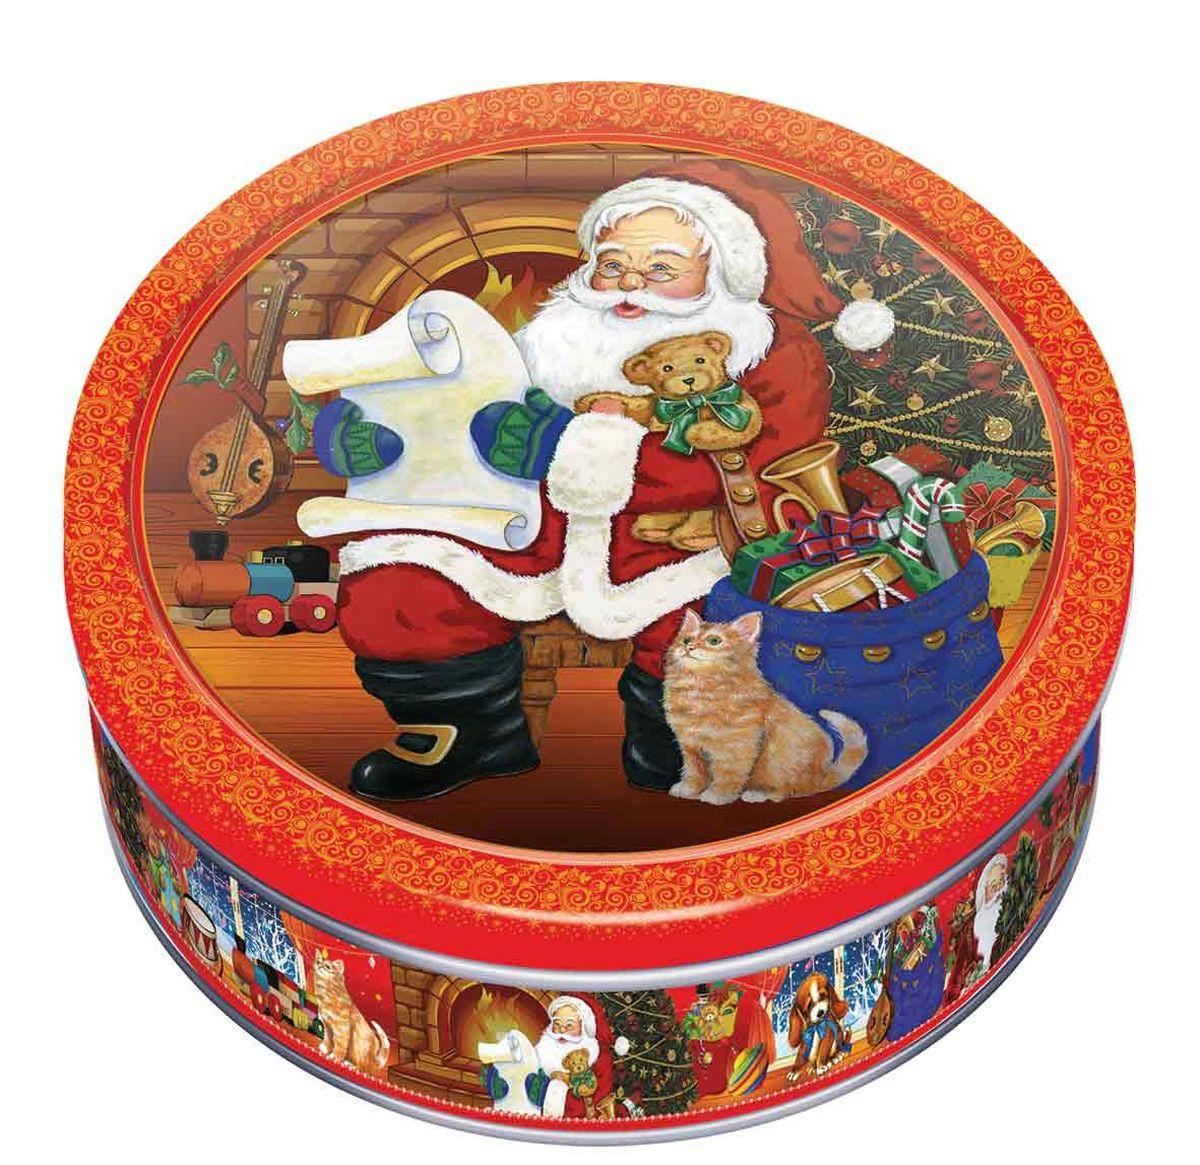 100% сдобное печенье со сливочным маслом создано как подарок к Новому году и Рождеству. Изготовлено на фабрике «МАК-Иваново», принадлежащей ГК «Сладкая сказка». Полный цикл производства включает также изготовление самой банки.